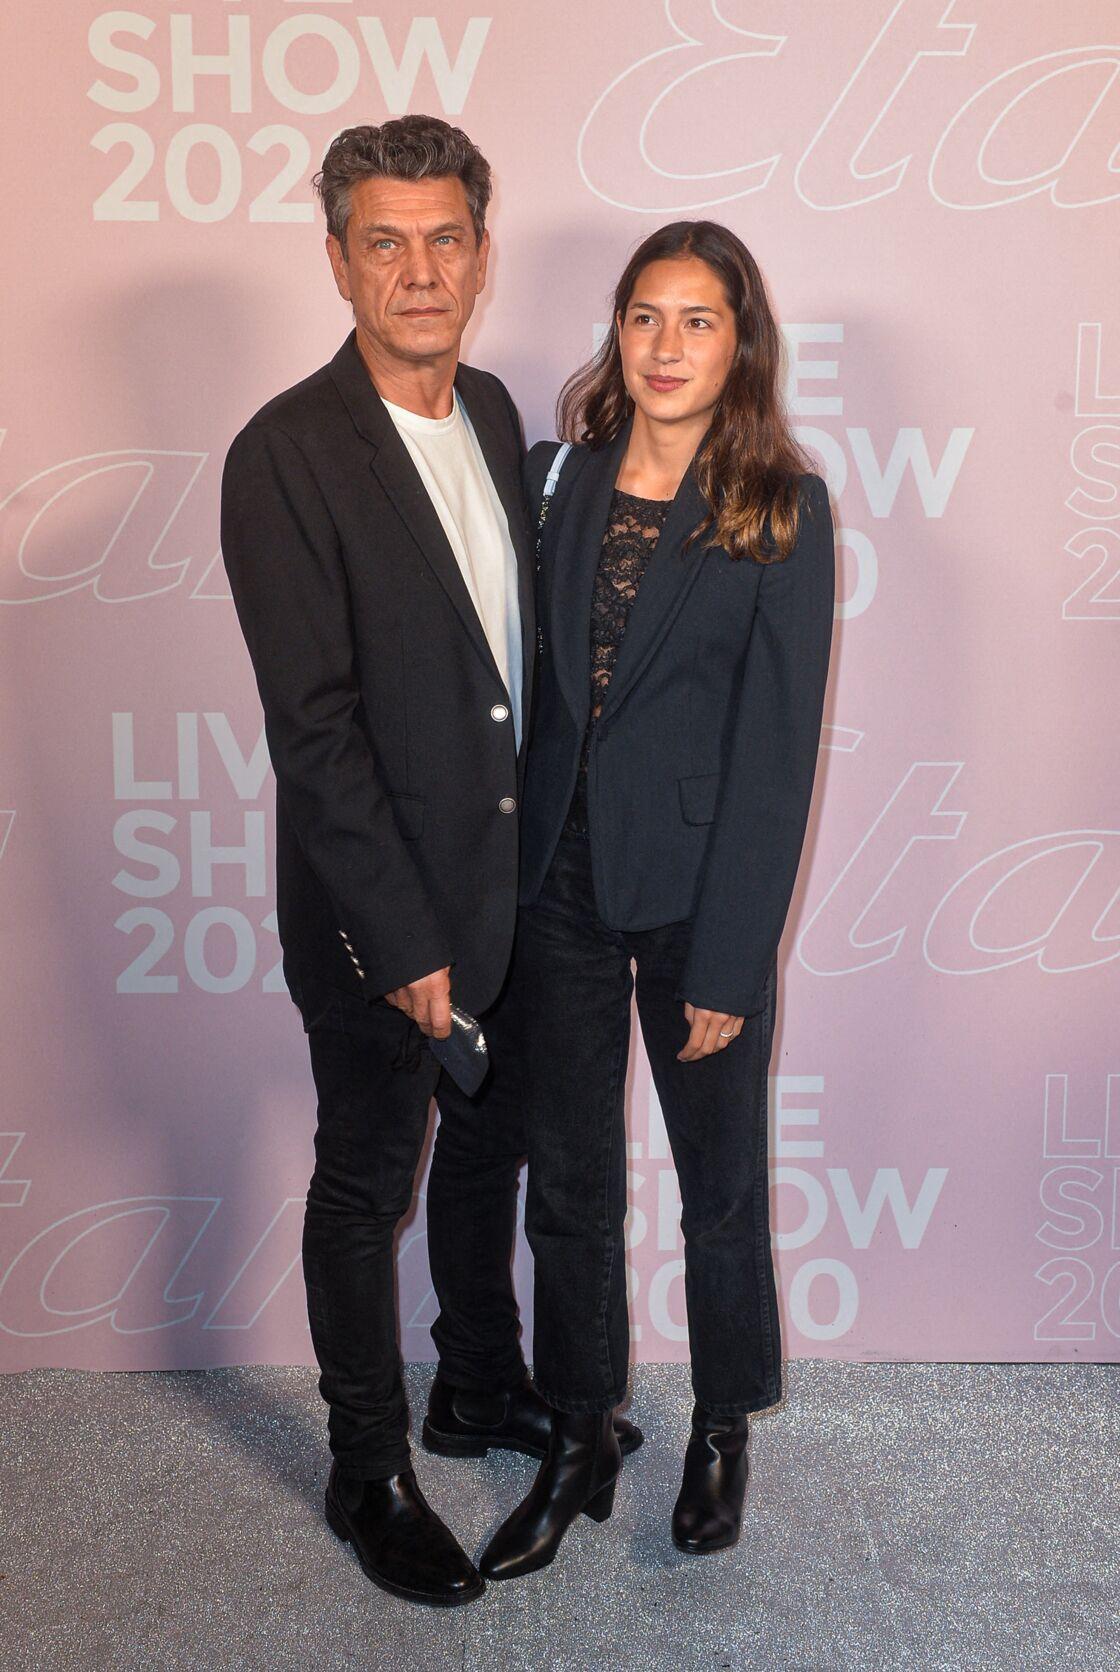 Marc Lavoine et Line Papin - Photocall du défilé Etam Live Show 2020 à Paris le 29 septembre 2020.